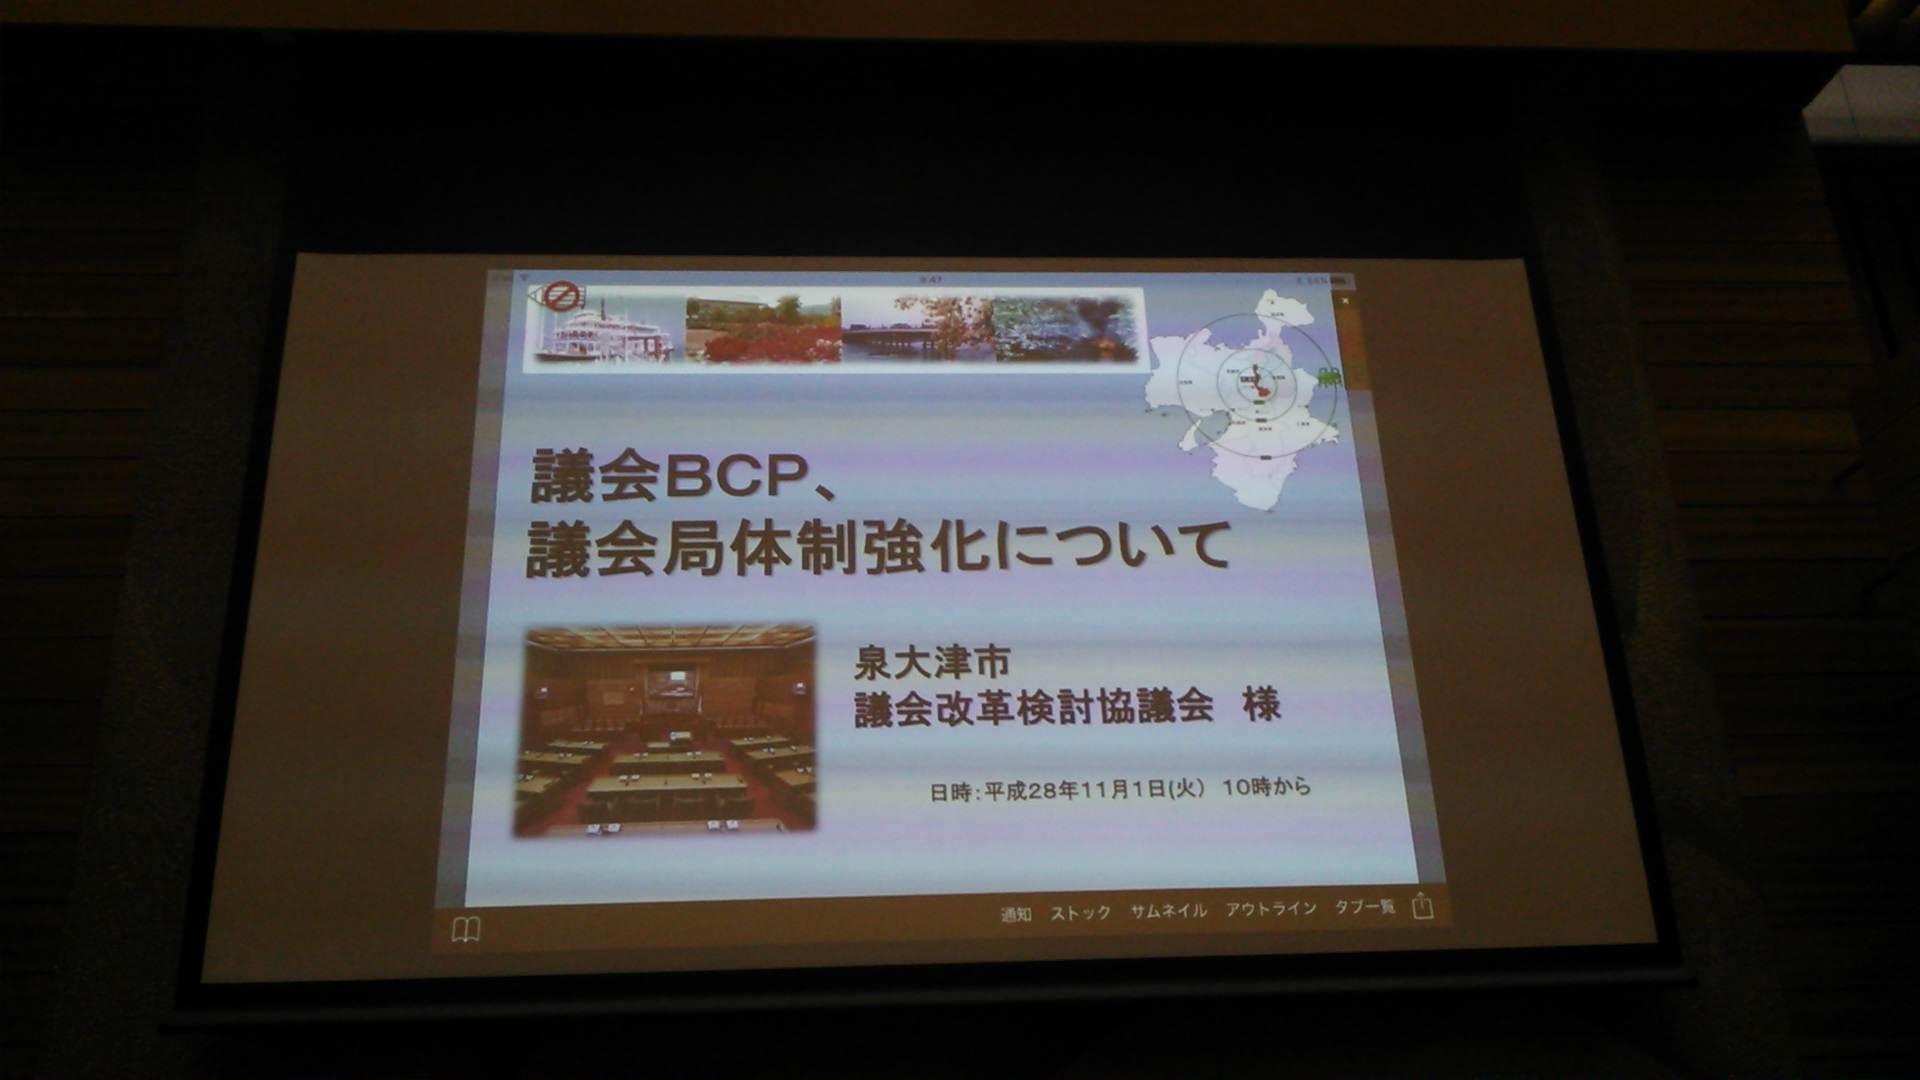 災害時の議会機能の維持のための議会BCP(業務継続計画)を学びに滋賀県大津市議会へ